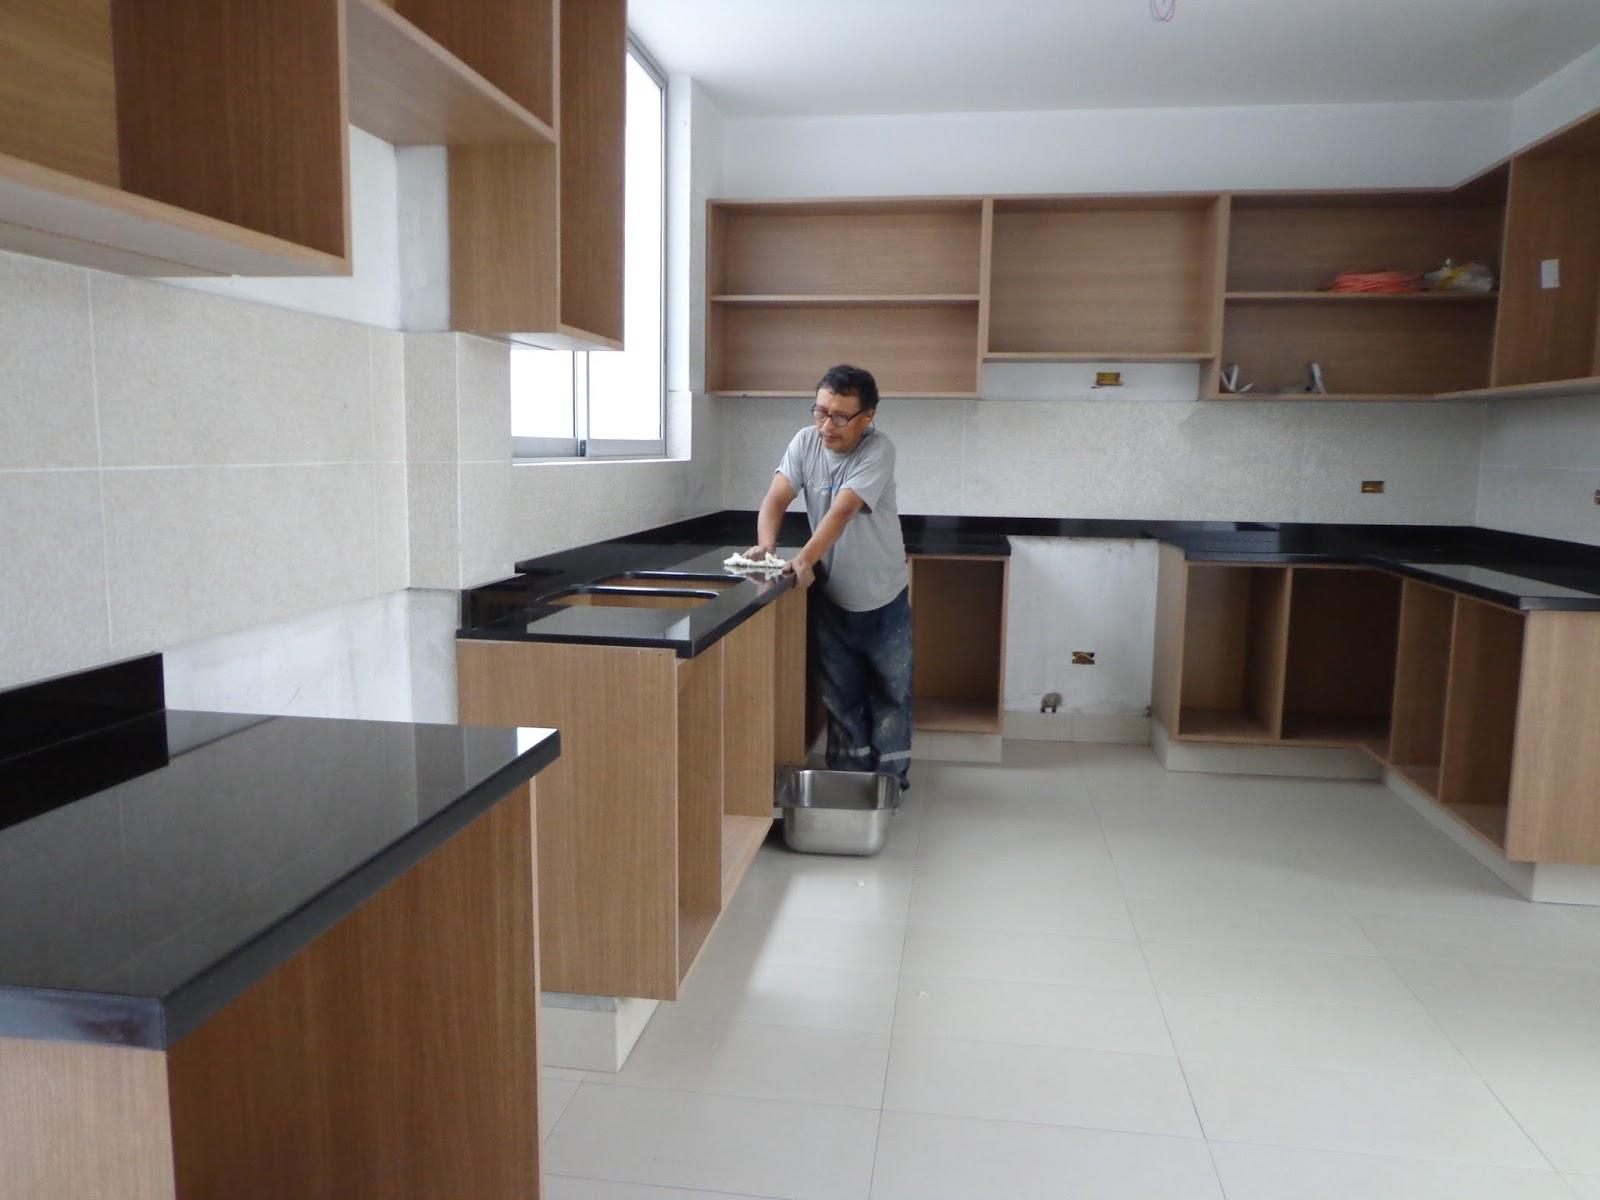 Granito o cuarzo en la encimera de su cocina granito o for Colores de granito para encimeras de cocina